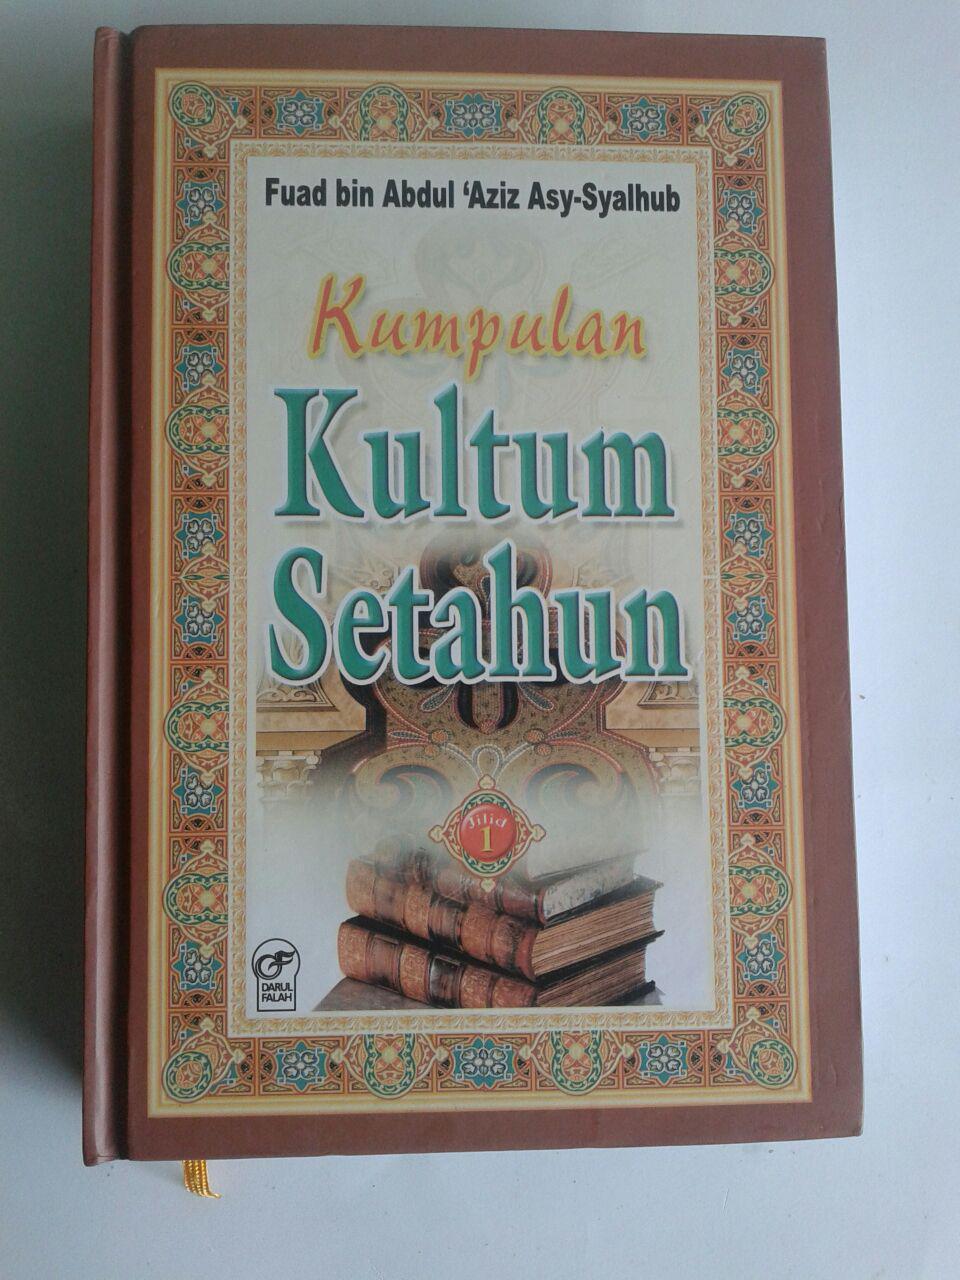 Buku Kumpulan Kultum Setahun 1 Set 2 Jilid cover 2